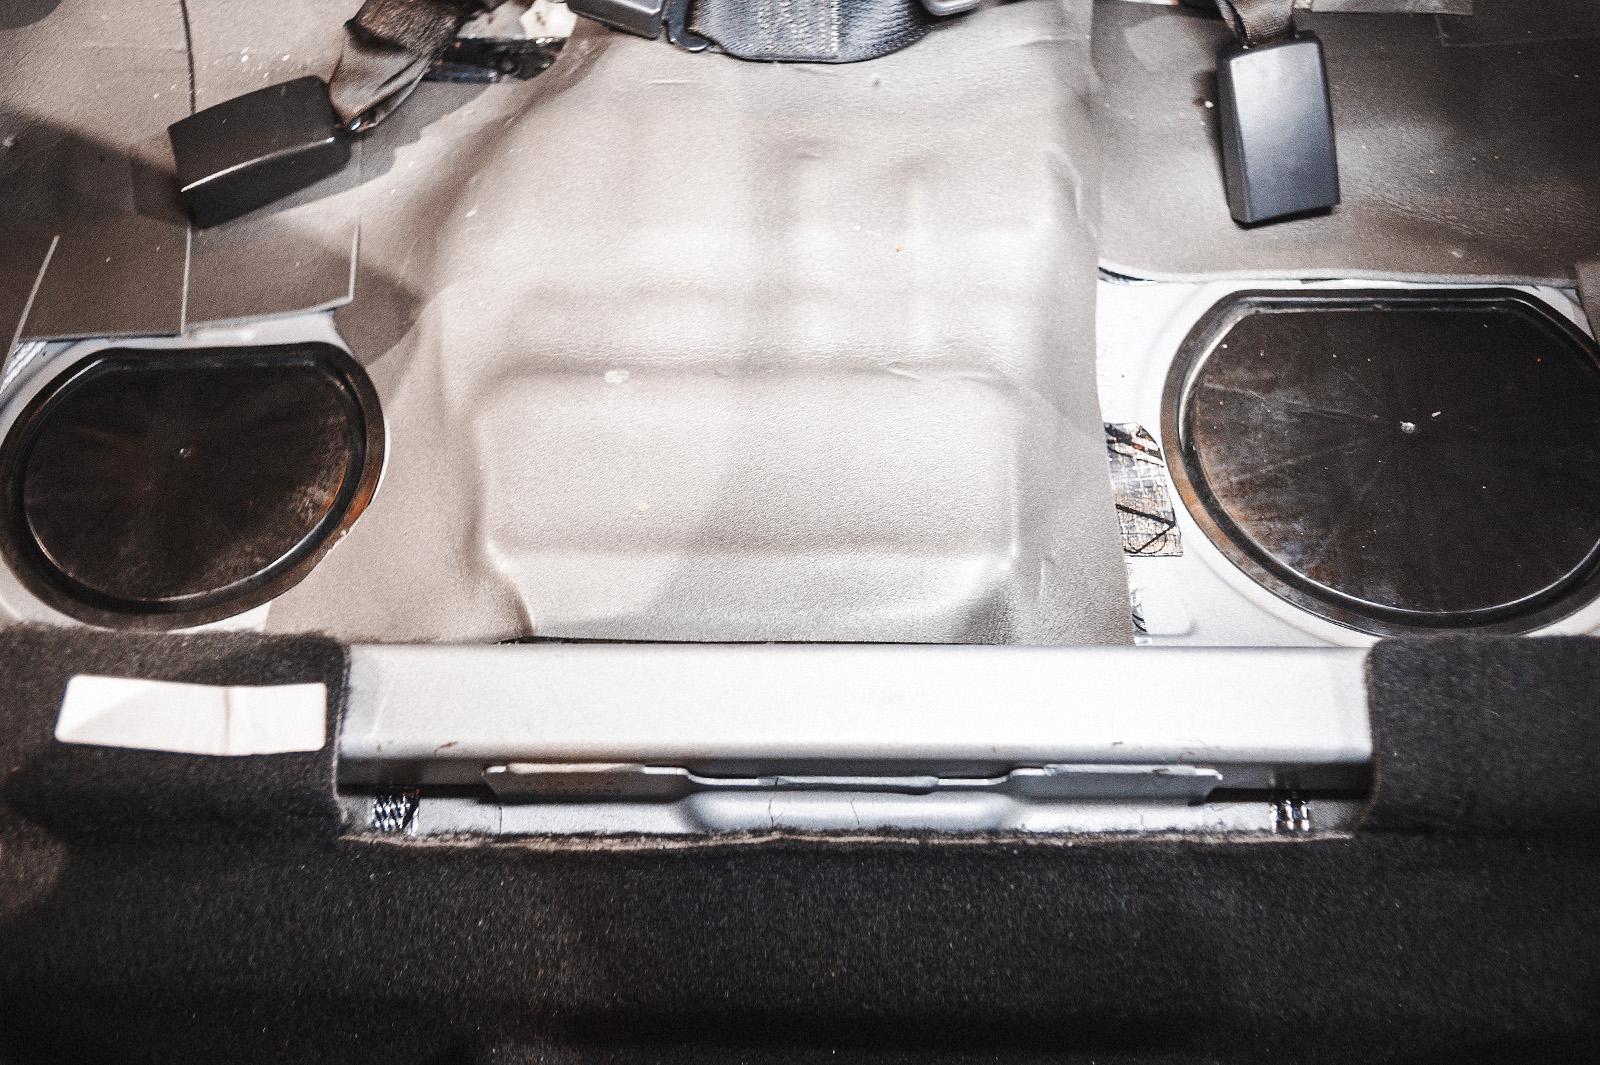 Додж Калибр со снятым задним сиденьем